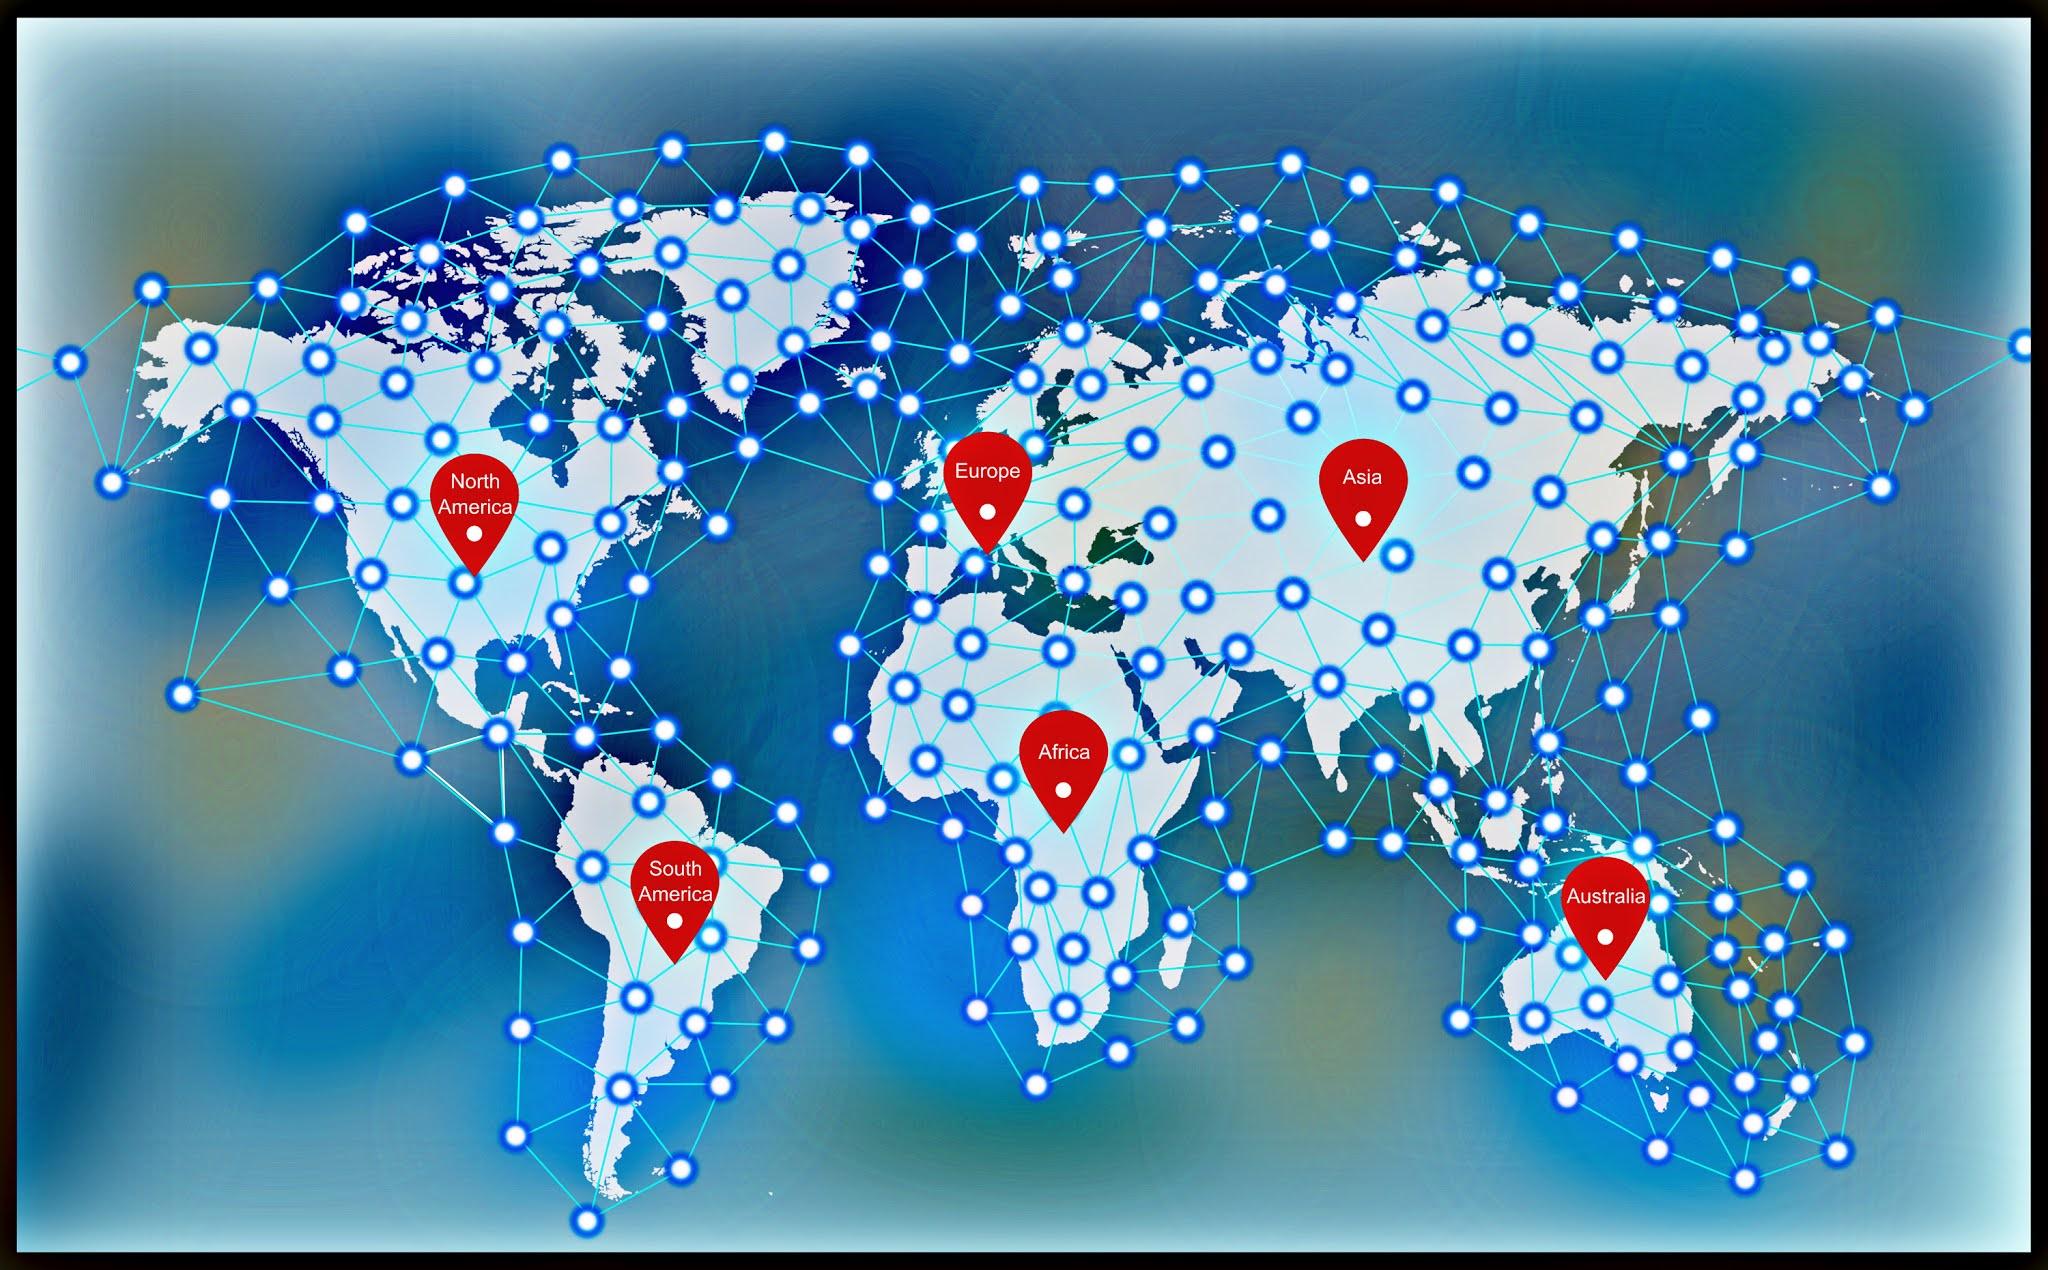 التجارة الإلكترونية , تجارة الكترونية , تعريف التجارة الالكترونية , انواع التجارة الالكترونية , بحث عن التجارة الالكترونية , تعلم التجارة الالكترونية , مفهوم التجارة الالكترونية , ماهي التجارة الالكترونية , , مزايا التجارة الالكترونية , خصائص التجارة الالكترونية , قانون التجارة الالكترونية , اهمية التجارة الالكترونية , اهداف التجارة الالكترونية , مجالات التجارة الإلكترونية , مقدمة عن التجارة الالكترونية , مخاطر التجارة الالكترونية